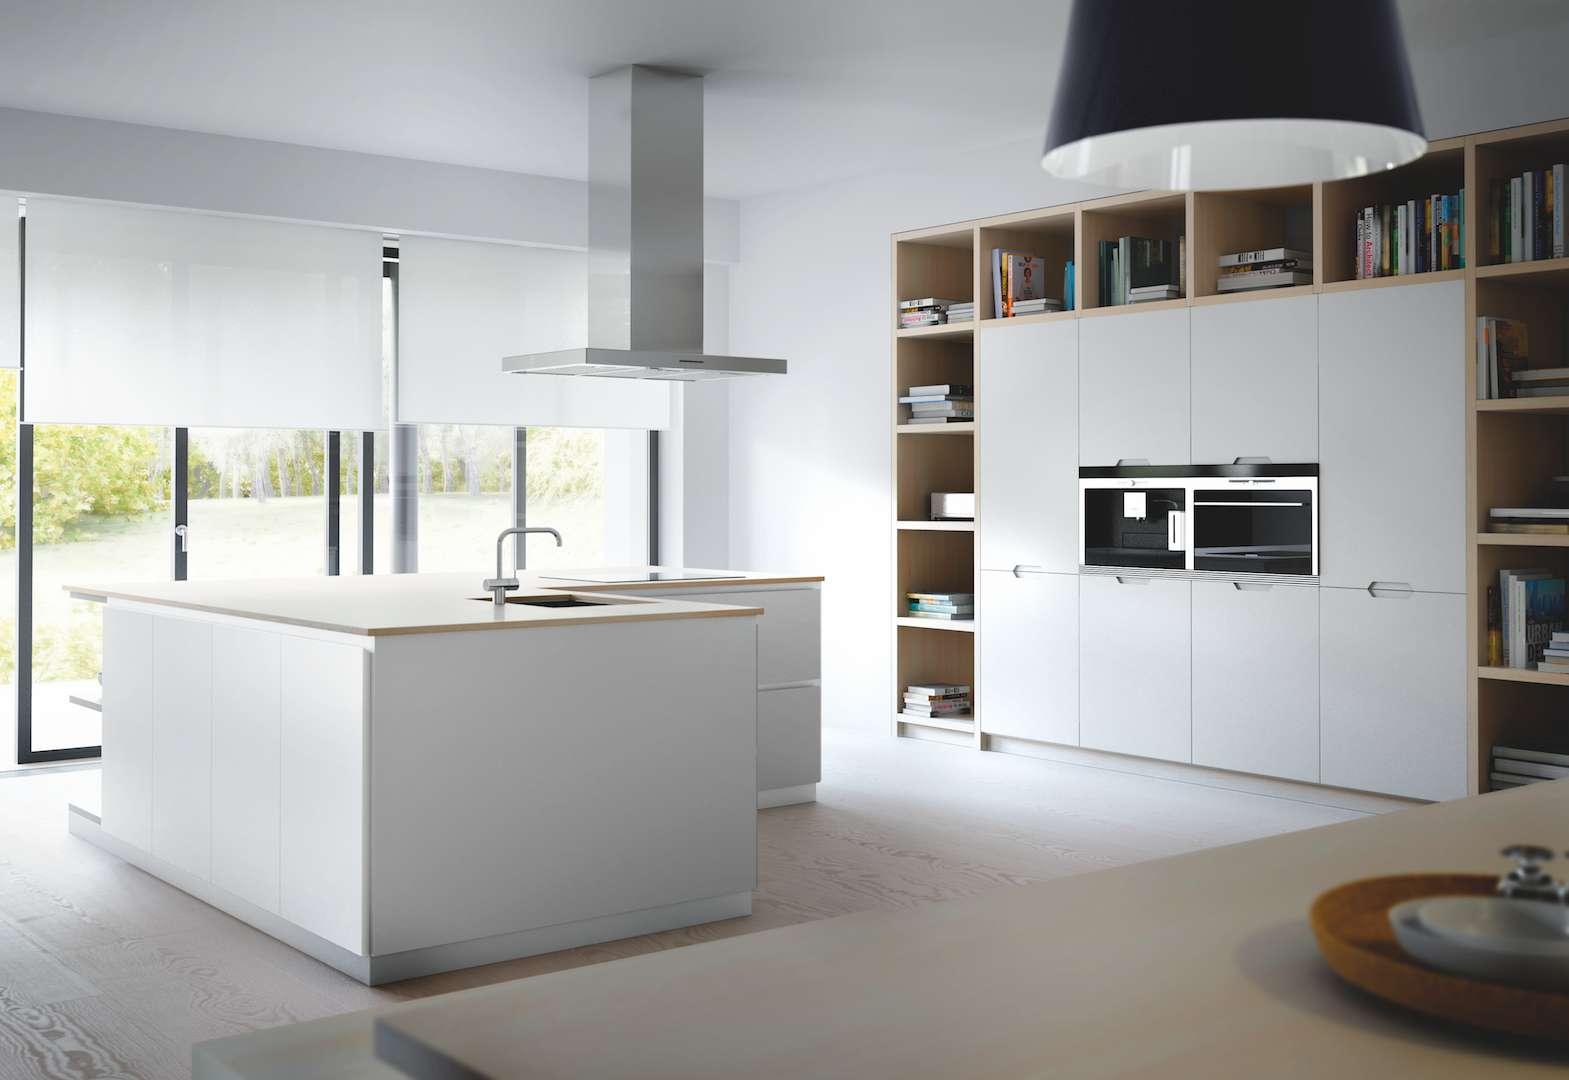 Muebles de cocina en segovia good muebles cocina y with for Armado de muebles de cocina